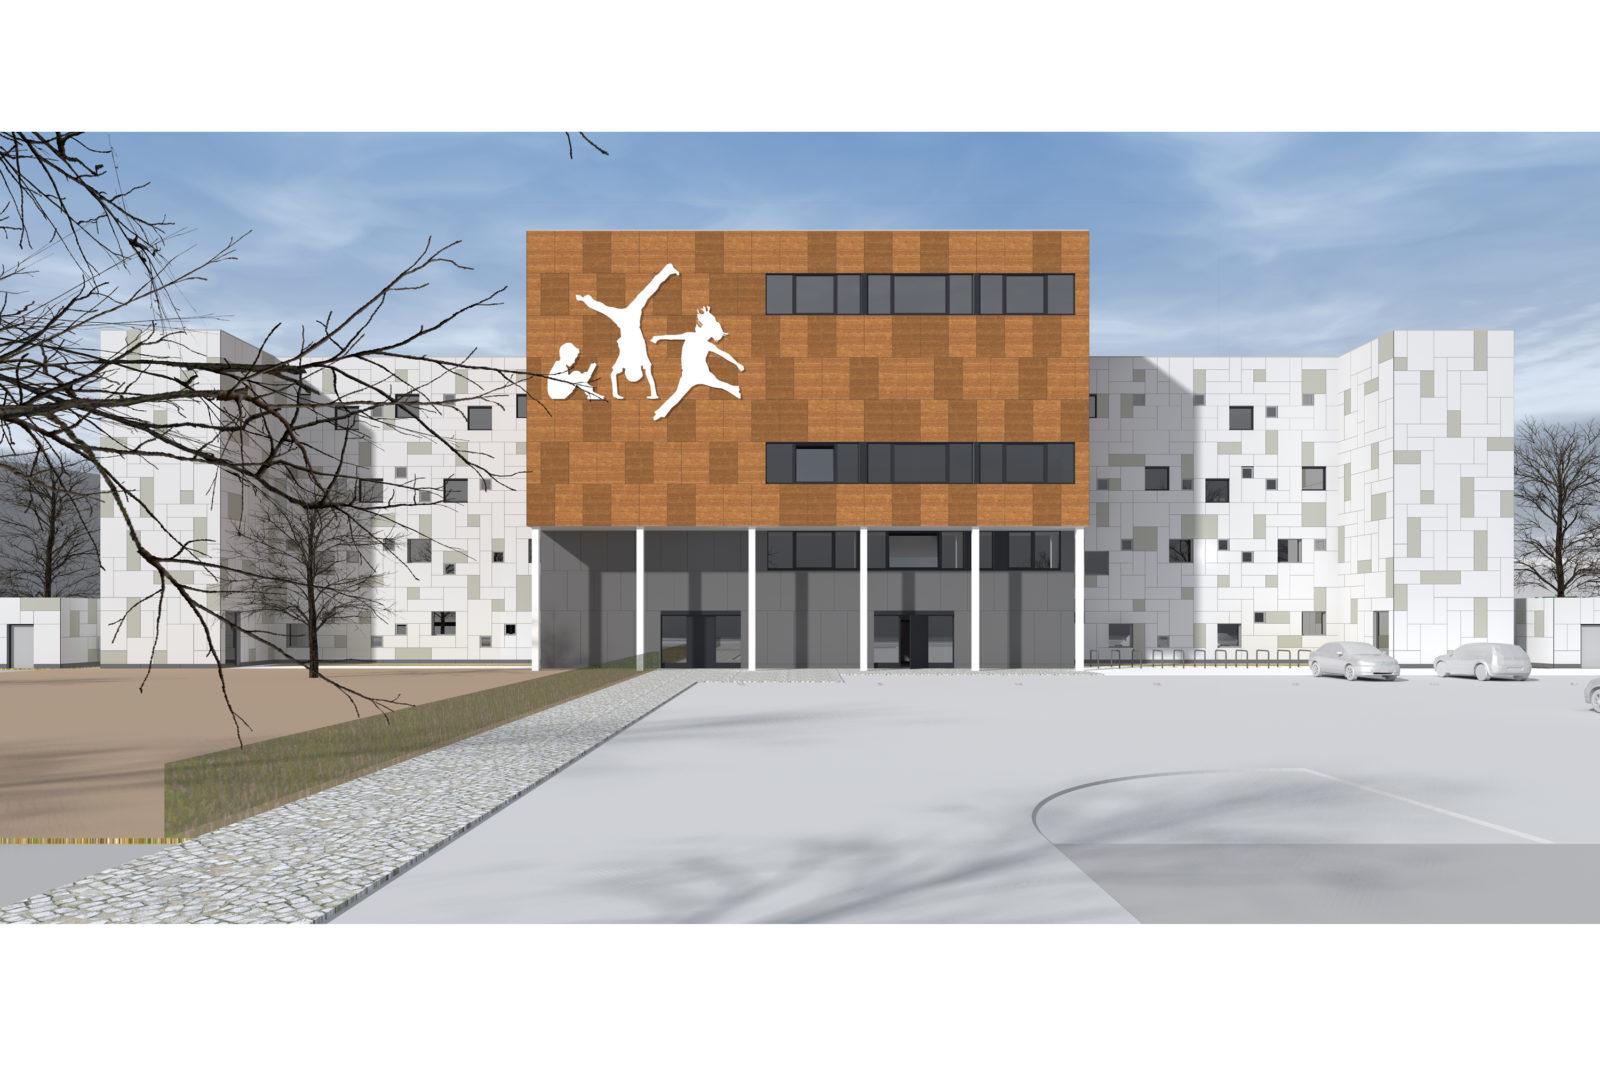 Neubau Kita und Förderschule an der alten Messe, Leipzig - Vorplatz mit Eingangsbereich